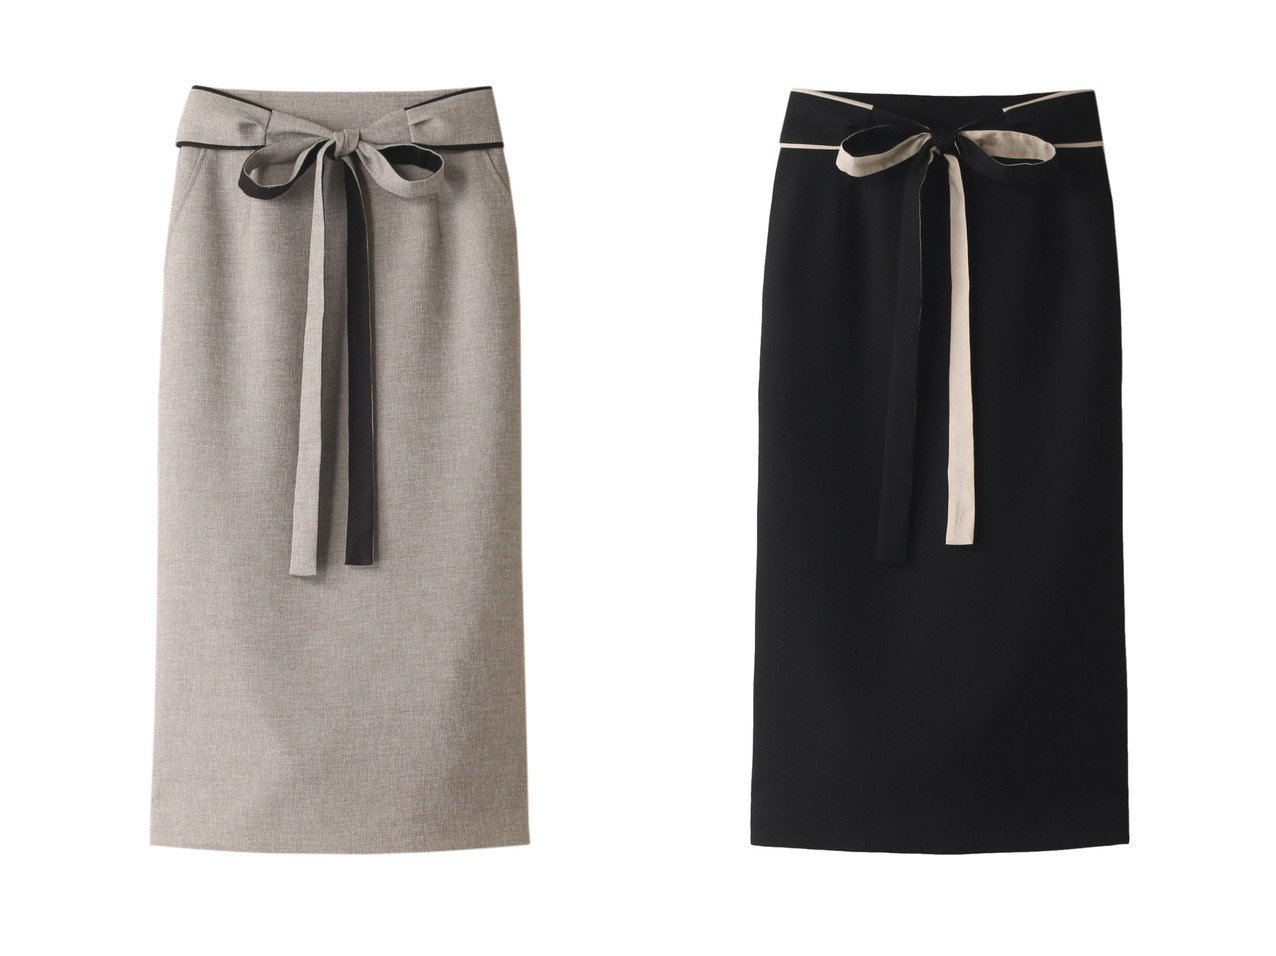 【allureville/アルアバイル】のハイショクサッシュツキタイトスカート 【スカート】おすすめ!人気、トレンド・レディースファッションの通販  おすすめで人気の流行・トレンド、ファッションの通販商品 メンズファッション・キッズファッション・インテリア・家具・レディースファッション・服の通販 founy(ファニー) https://founy.com/ ファッション Fashion レディースファッション WOMEN スカート Skirt タイトスカート リバーシブル リボン |ID:crp329100000033935